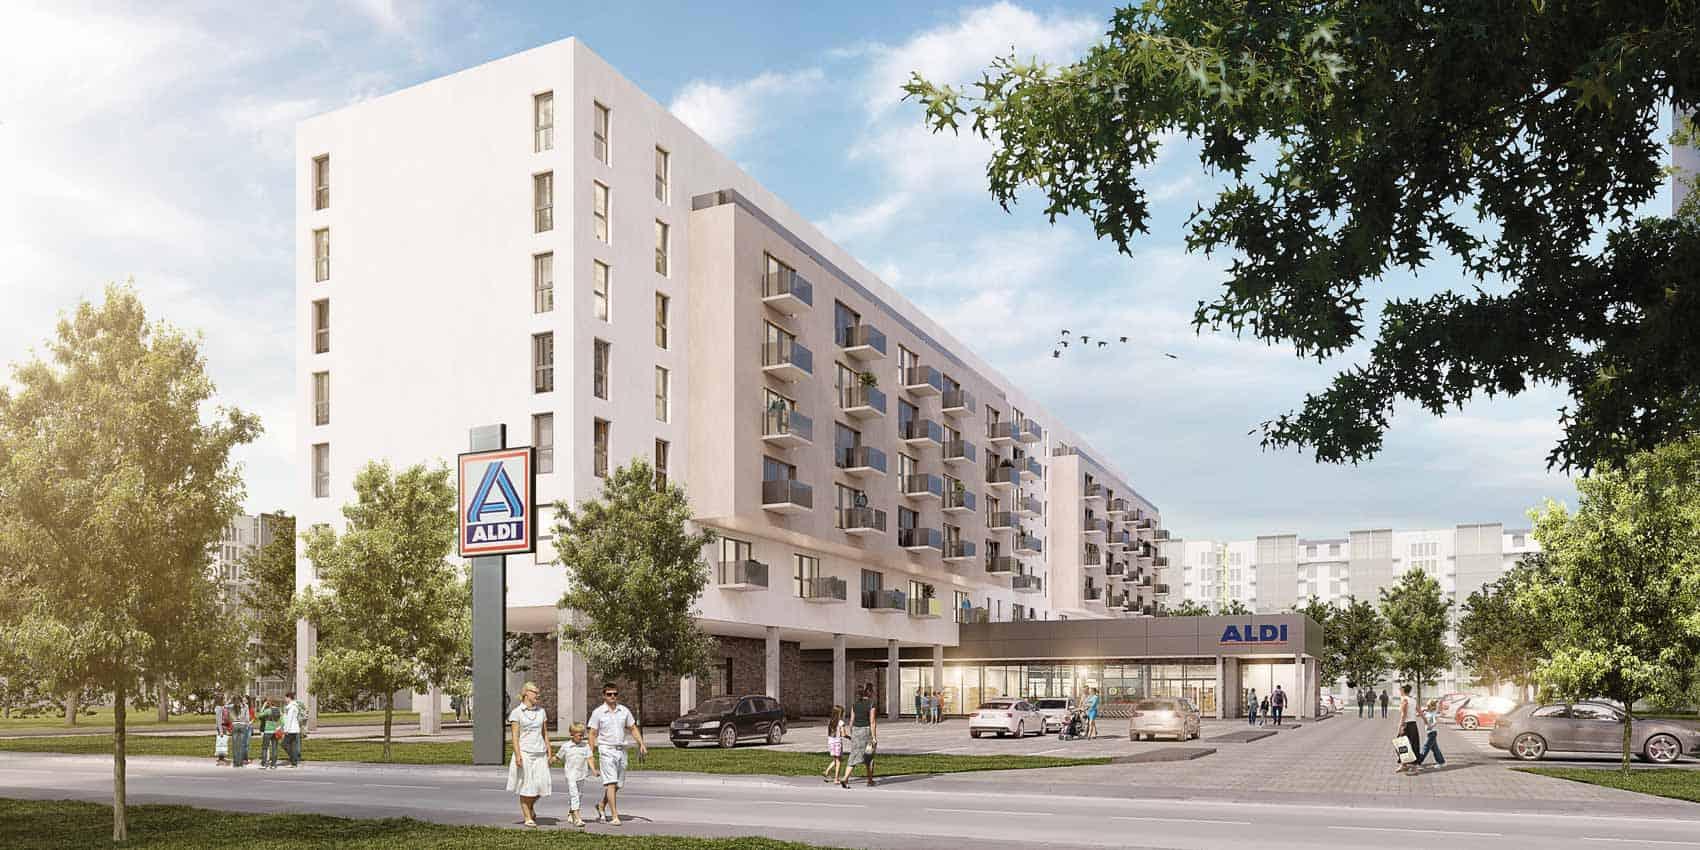 Immobilienmakler | | Wohnen auf dem Discounter | Quickborn | Ellerau | Bönningstedt | Hamburg | Norderstedt | Pinneberg